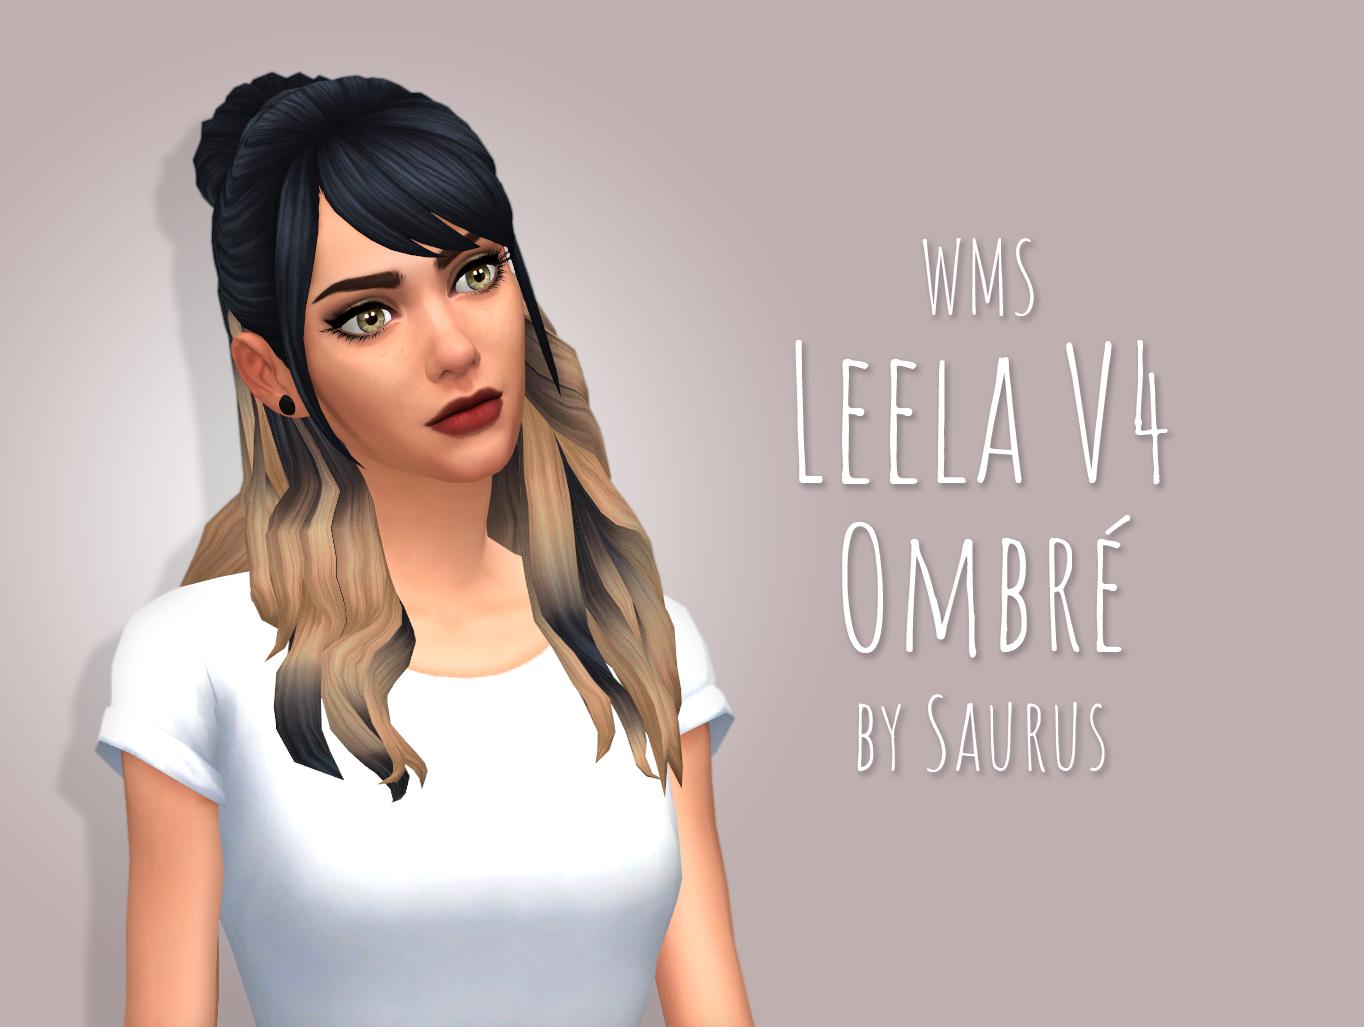 Mod The Sims Wms Leela V4 Hair Ombre Recolour